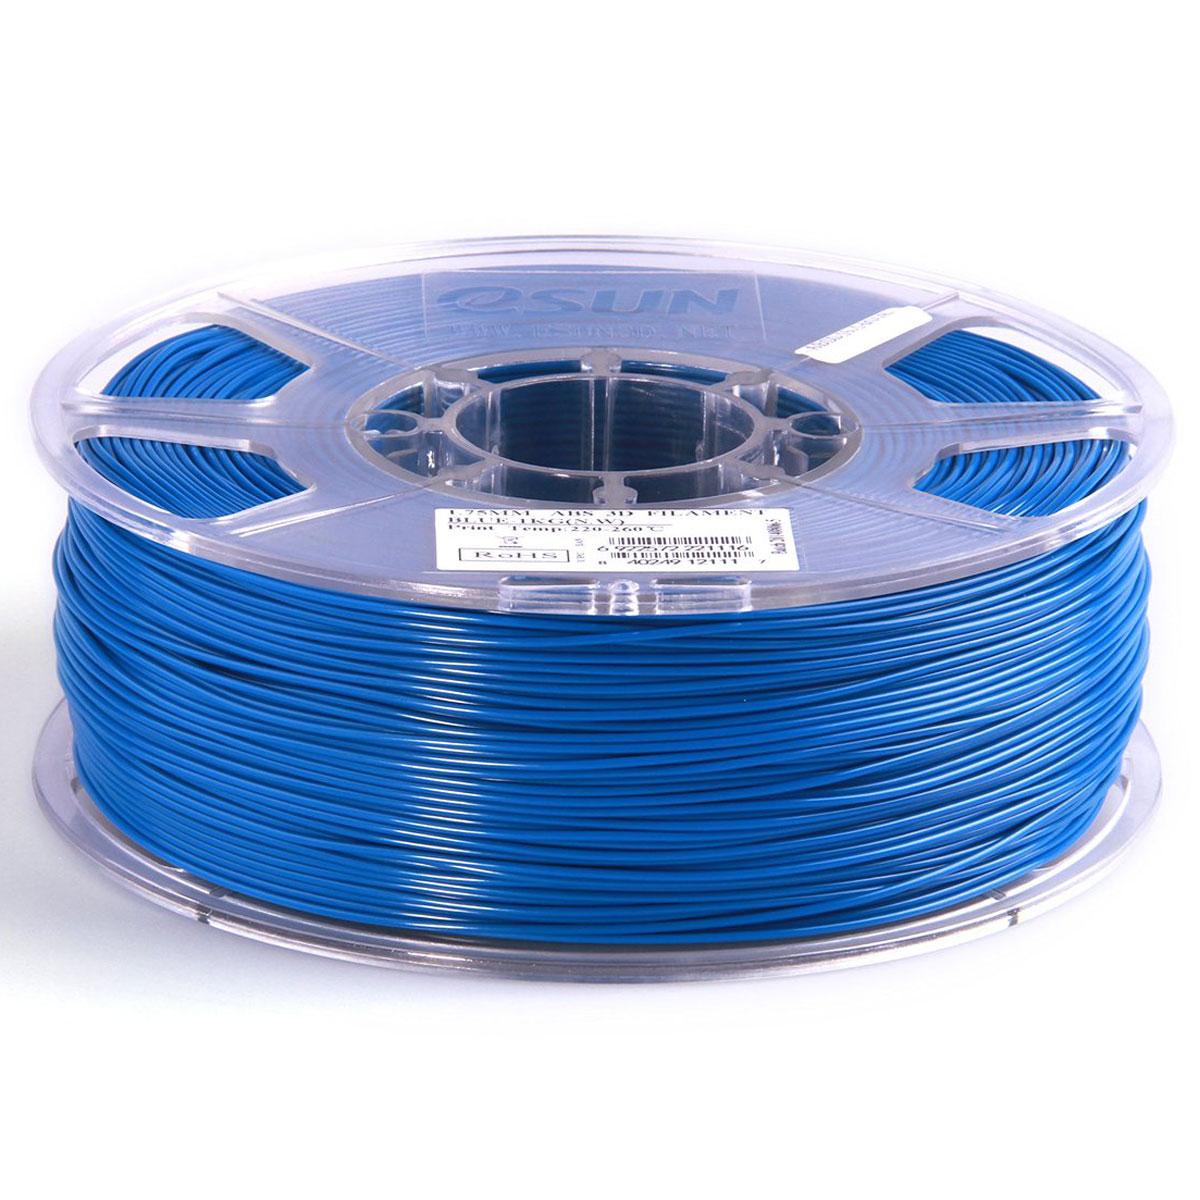 ESUN пластик ABS в катушке, Blue, 1,75 ммABS175U1Пластик ABS от ESUN долговечный и очень прочный полимер, ударопрочный, эластичный и стойкий к моющим средствам и щелочам. Один из лучших материалов для печати на 3D принтере. Пластик ABS не имеет запаха и не является токсичным. Температура плавления220-260°C. АБС пластик для 3D-принтера применяется в деталях автомобилей, канцелярских изделиях, корпусах бытовой техники, мебели, сантехники, а также в производстве игрушек, сувениров, спортивного инвентаря, деталей оружия, медицинского оборудования и прочего.Диаметр пластиковой нити: 1.75 мм